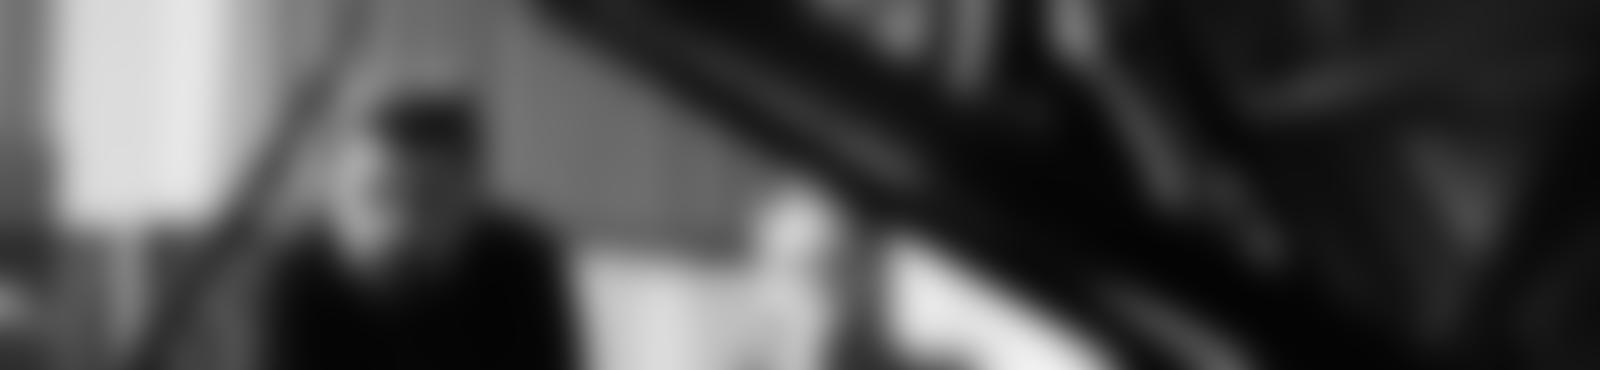 Blurred 76810771 c378 4a9d 9bfd f23a2acb35fb